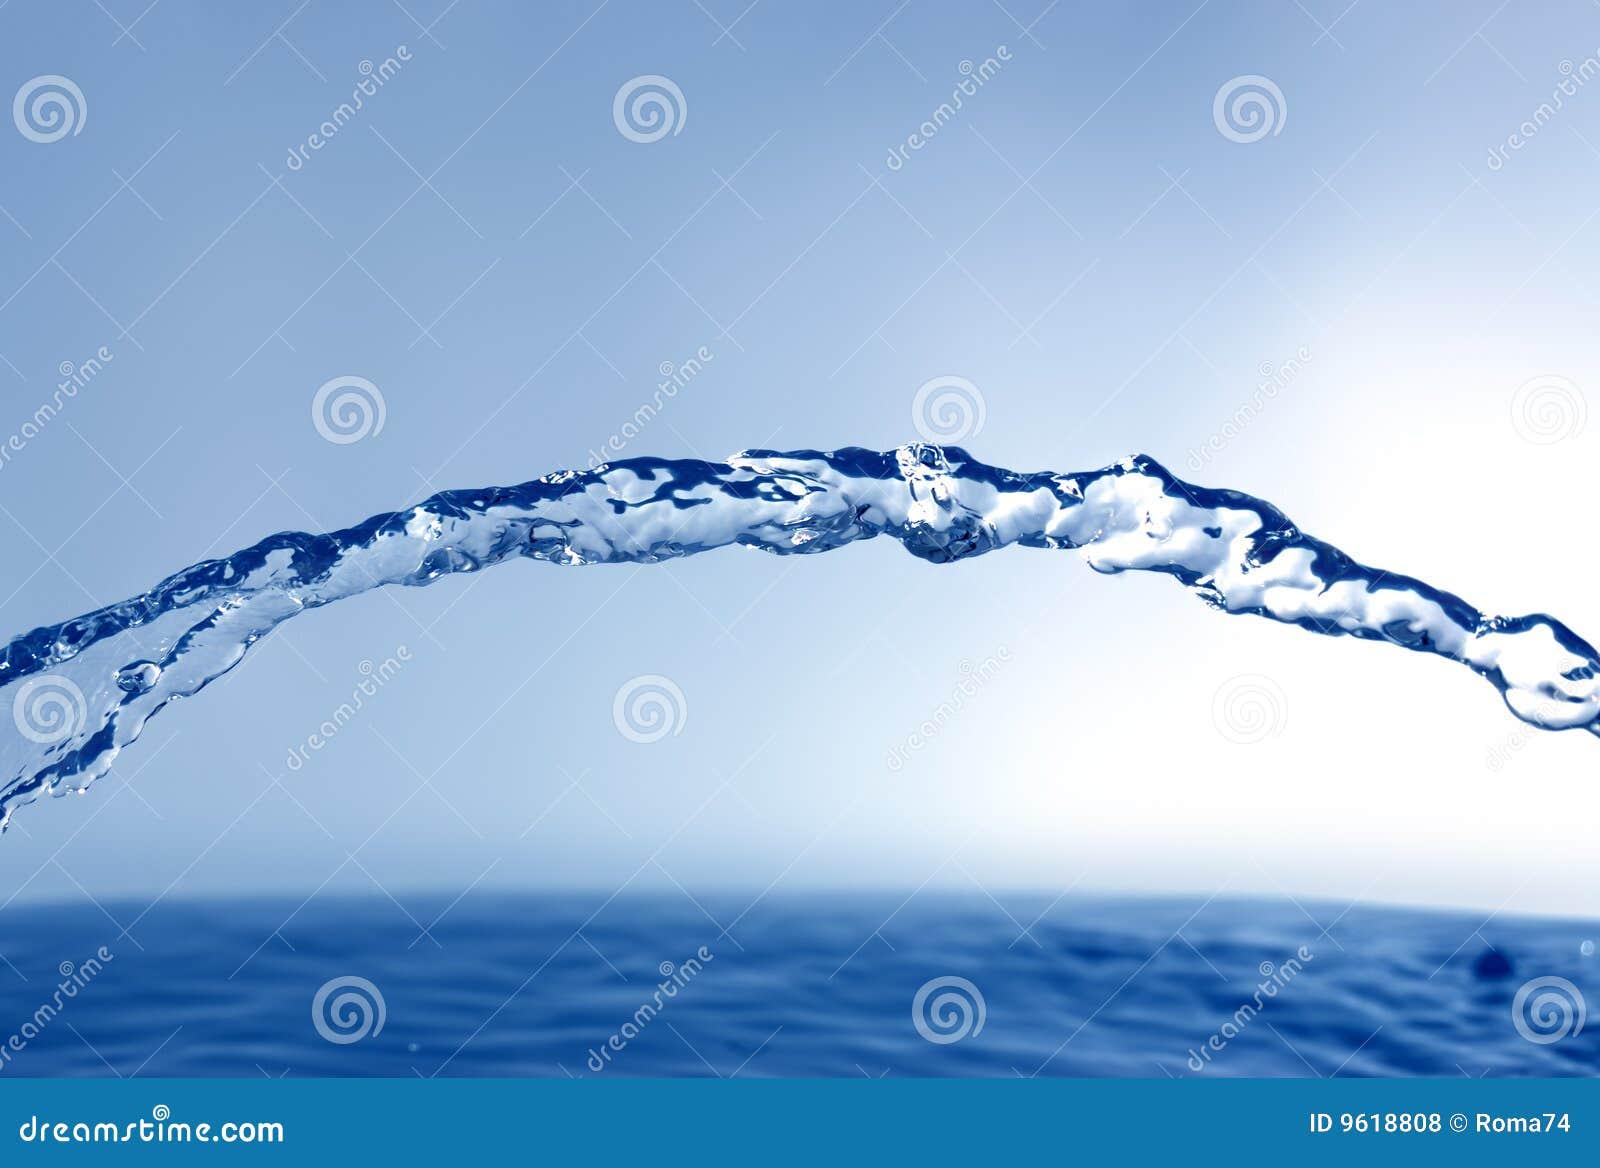 Stroom van water